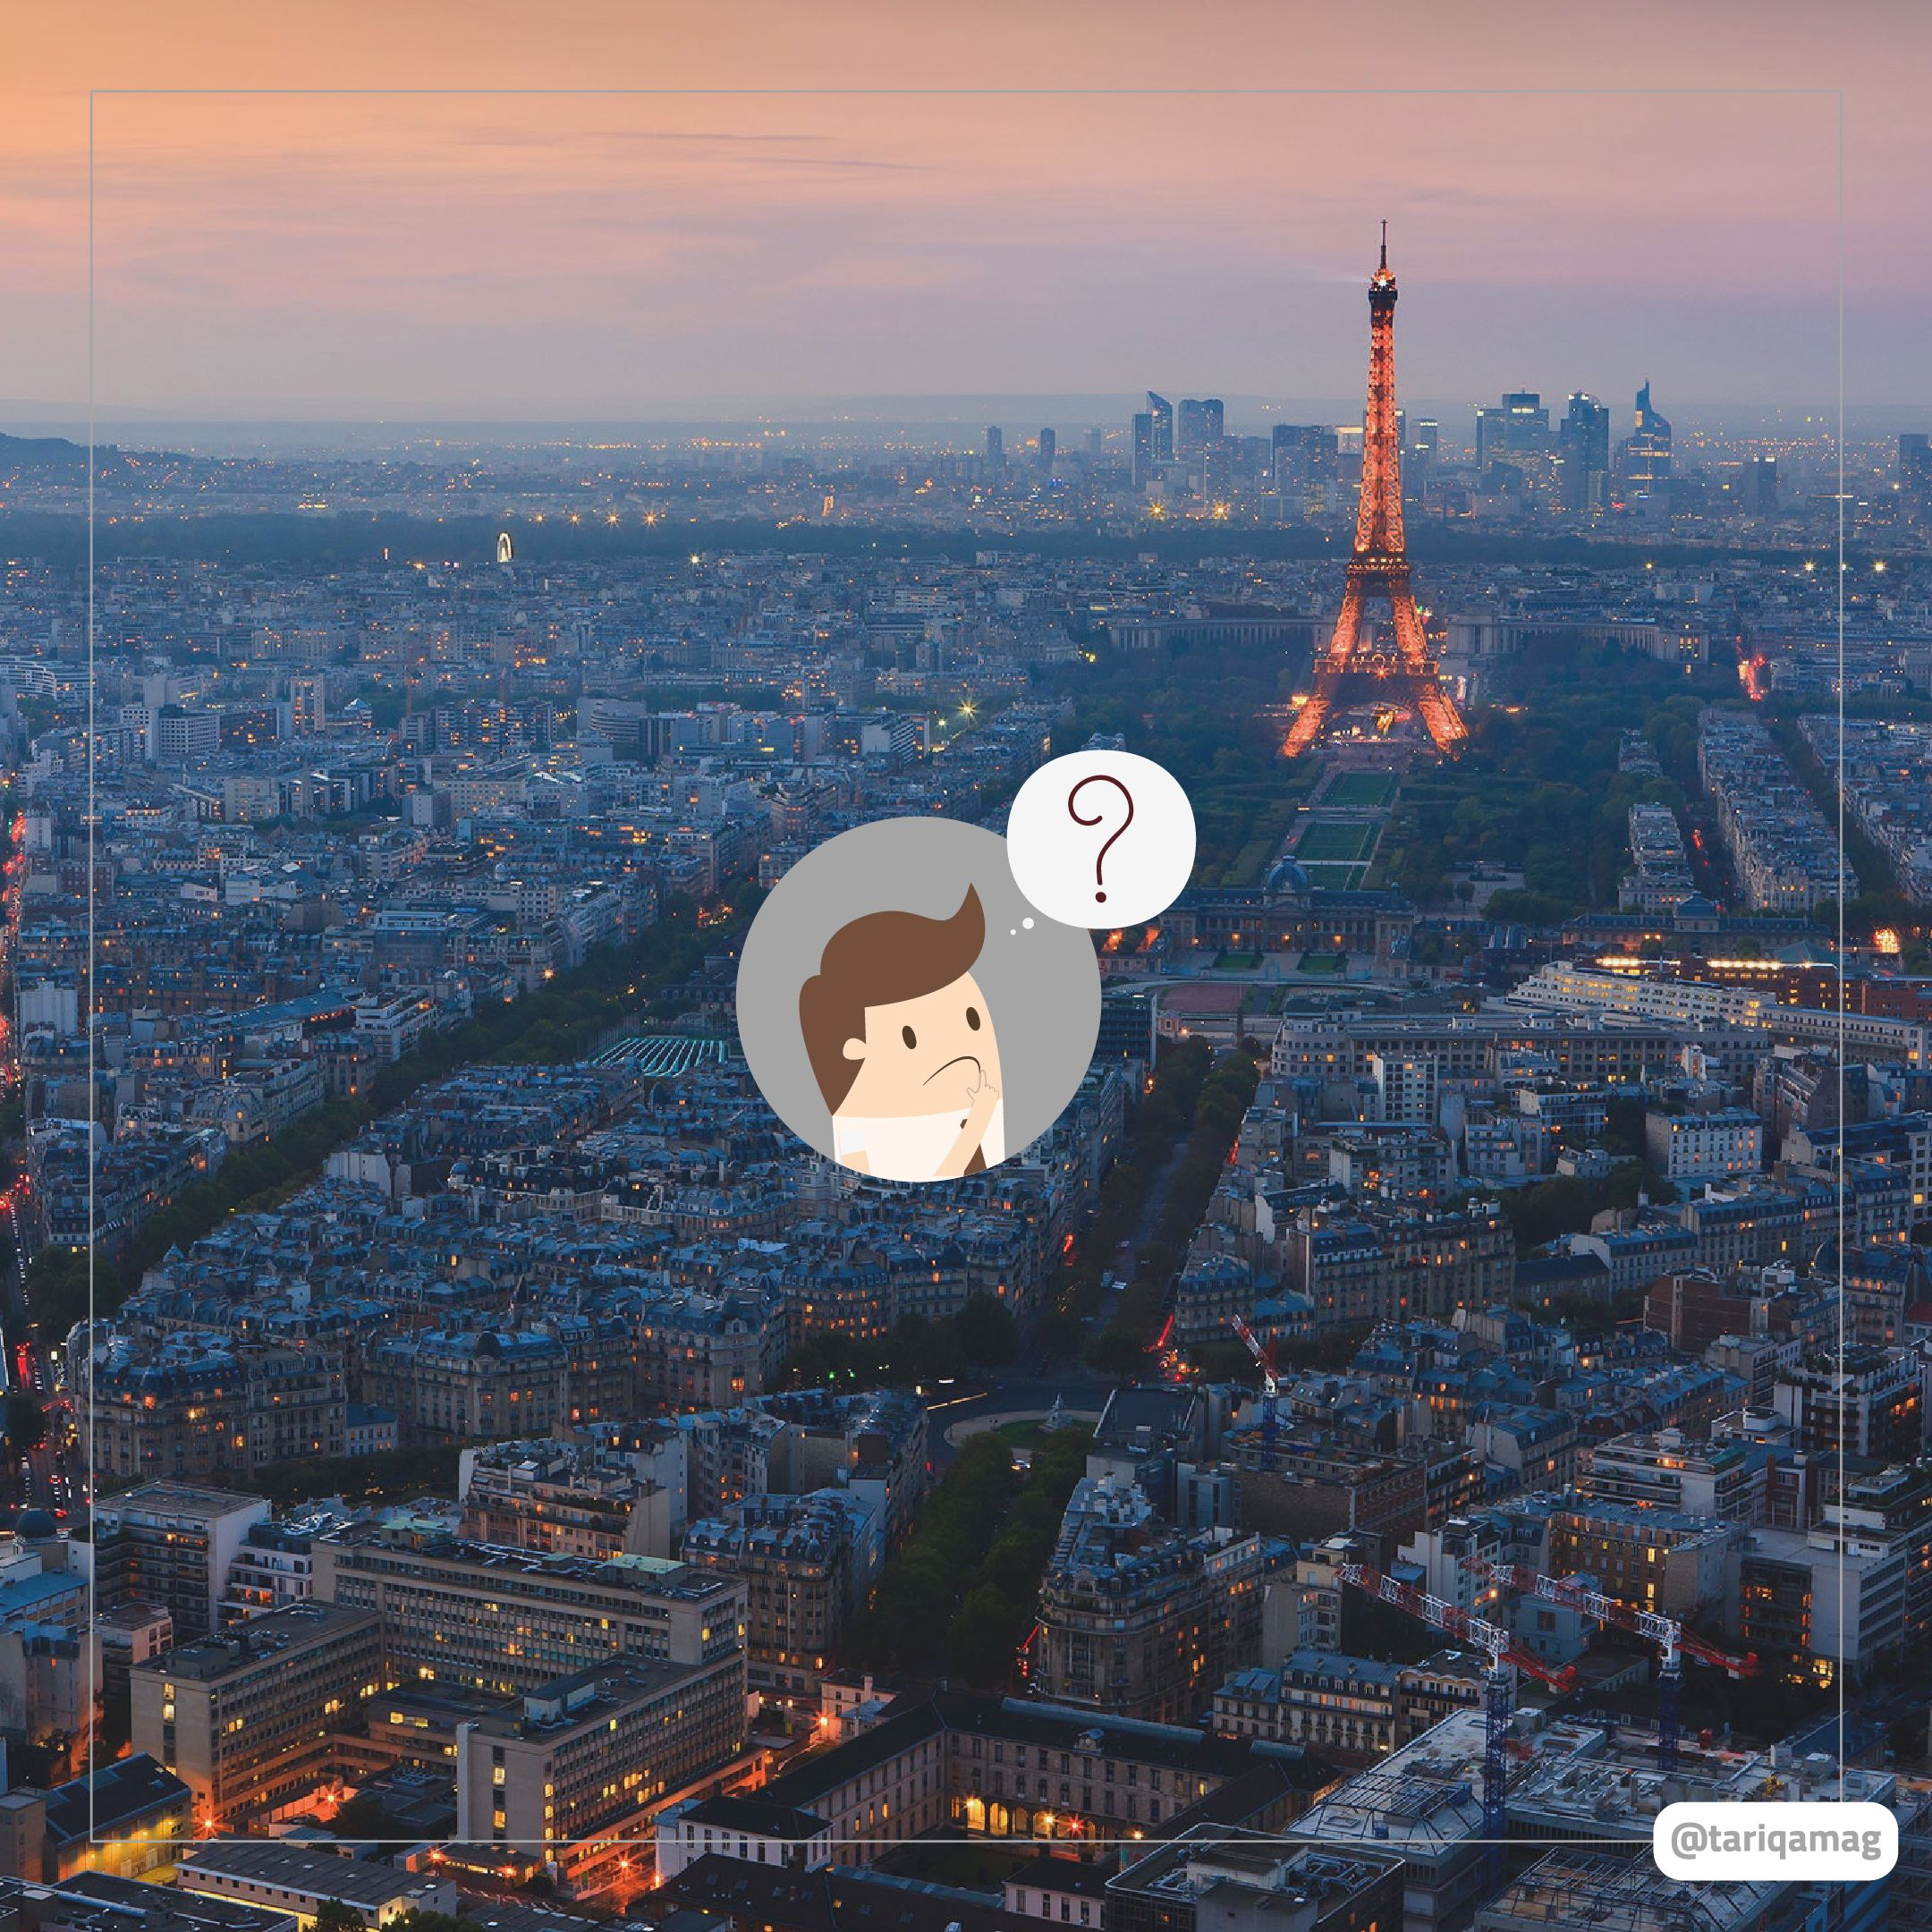 أكثر 15 منطقة جذب سياحي أعلى تقييم ا في فرنسا Tower Landmarks Cn Tower